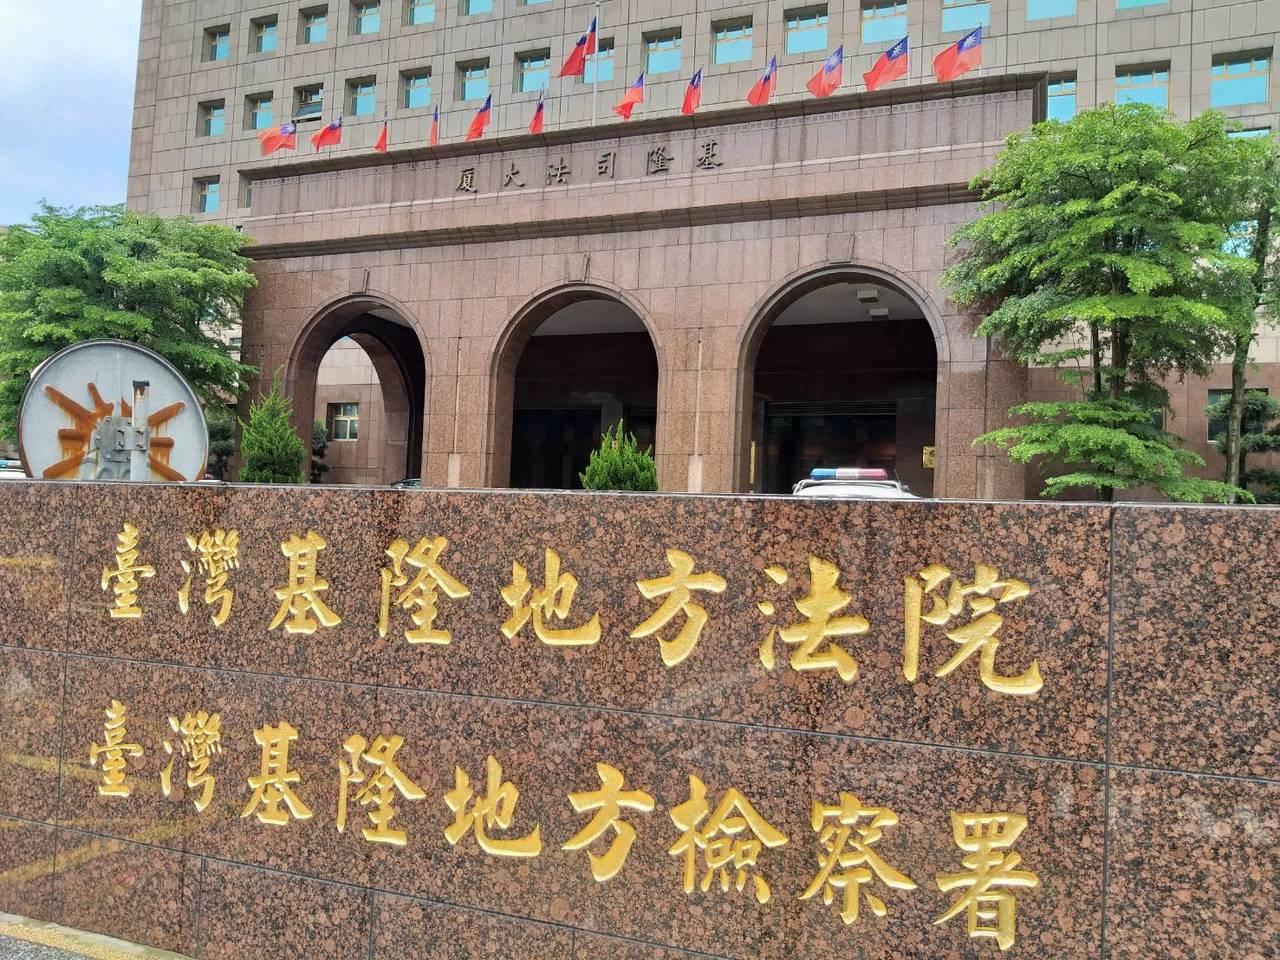 基隆市陳姓女子在臉書表示要出售已飼養5年的保育類野生動物豬鼻龜,涉嫌違反野生動物...